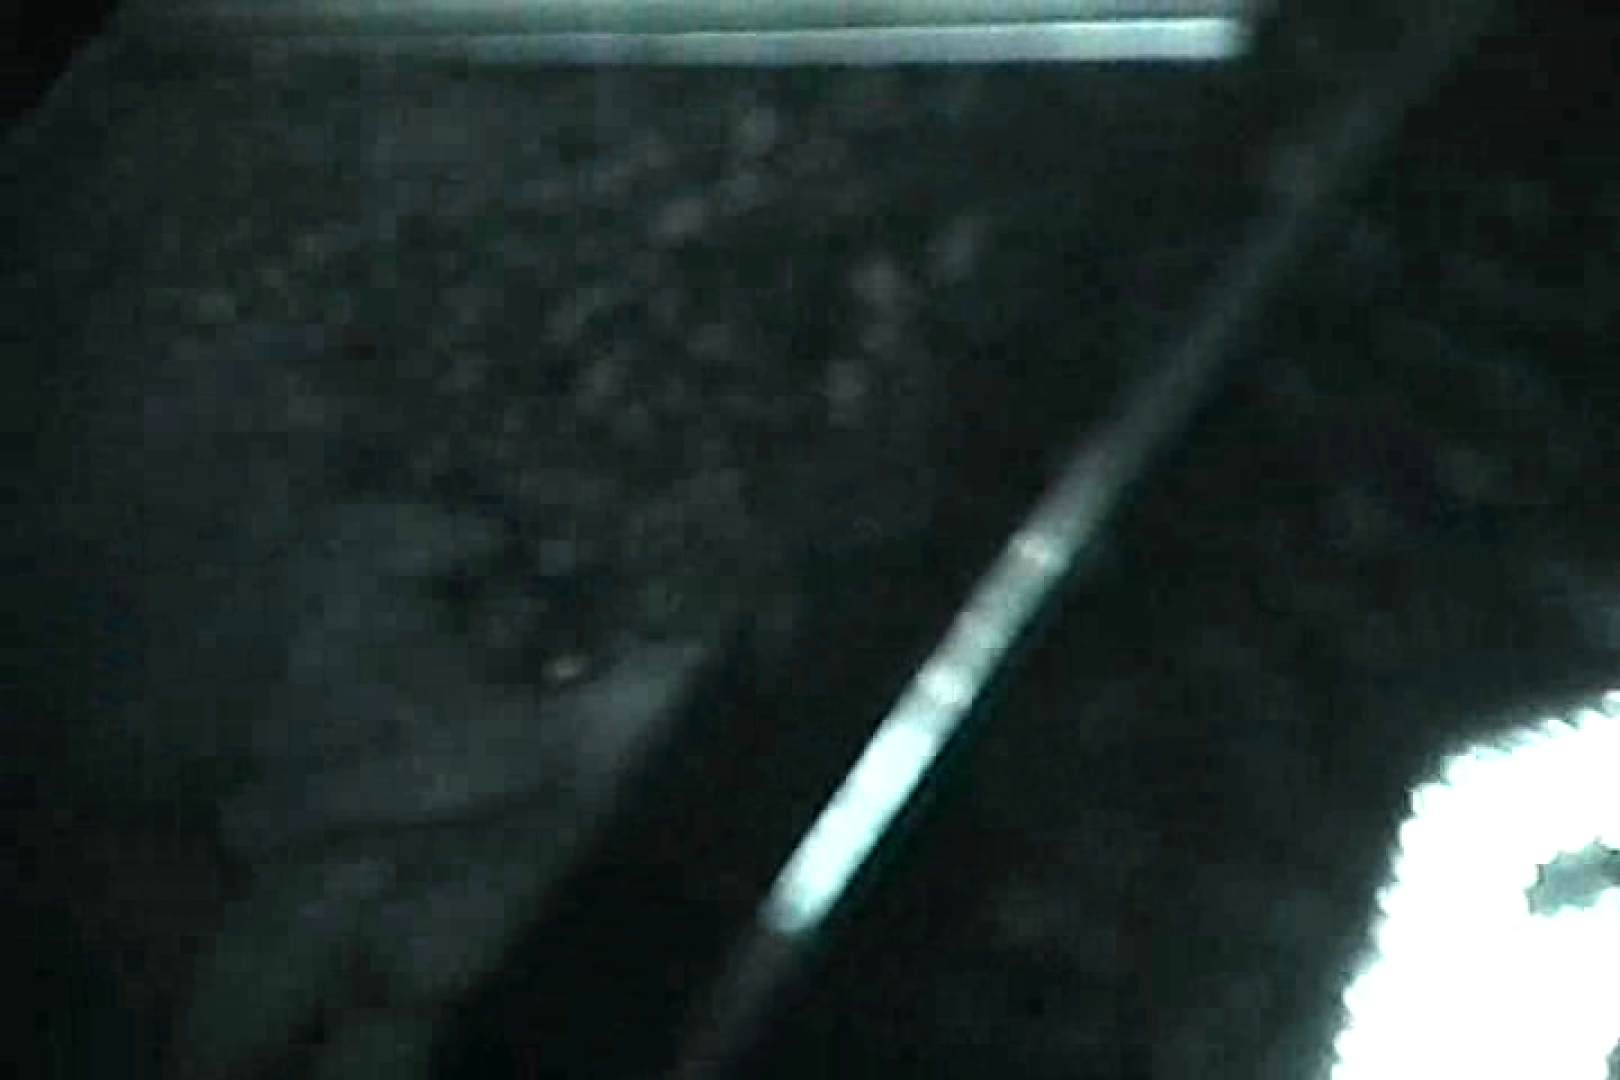 充血監督の深夜の運動会Vol.12 裸体 すけべAV動画紹介 98連発 98